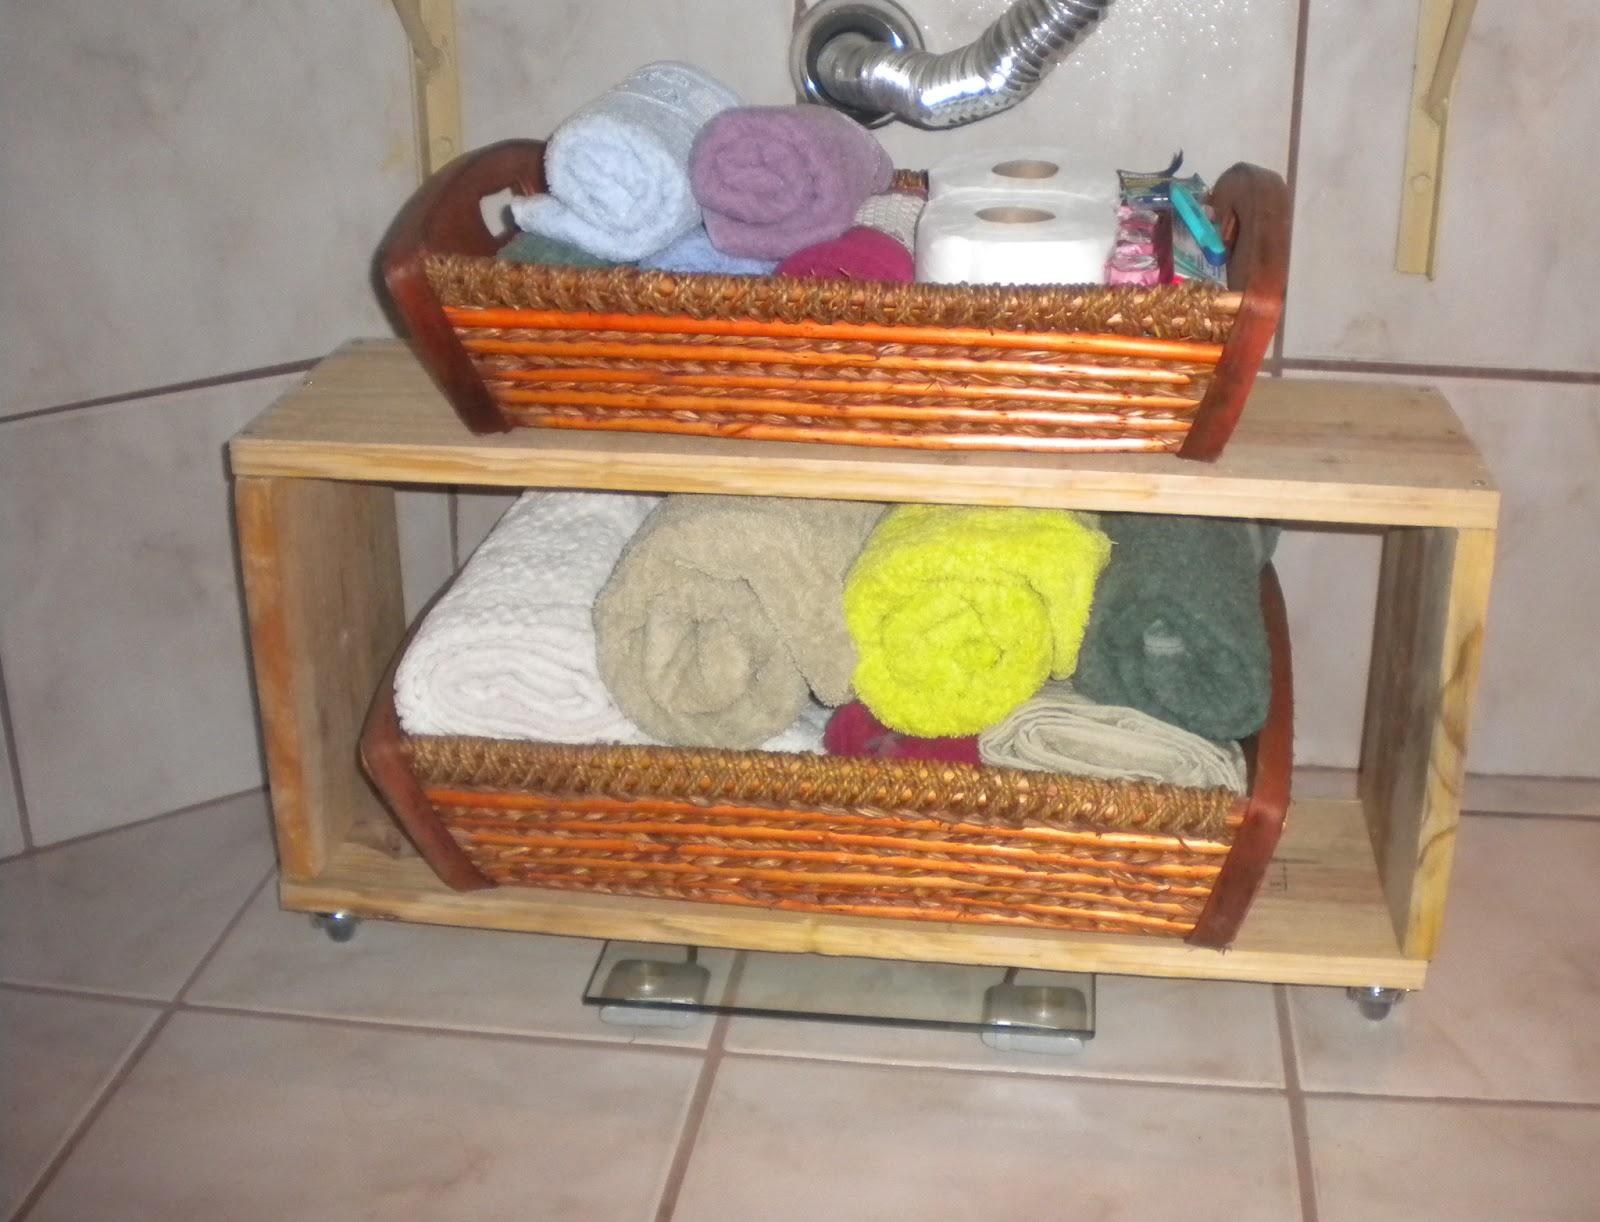 Imagens de #B54916 CASA & DECORAÇÃO: FAÇA VOCÊ MESMO UM NINCHO PARA BANHEIRO 1600x1222 px 2954 Box Banheiro Faça Voce Mesmo